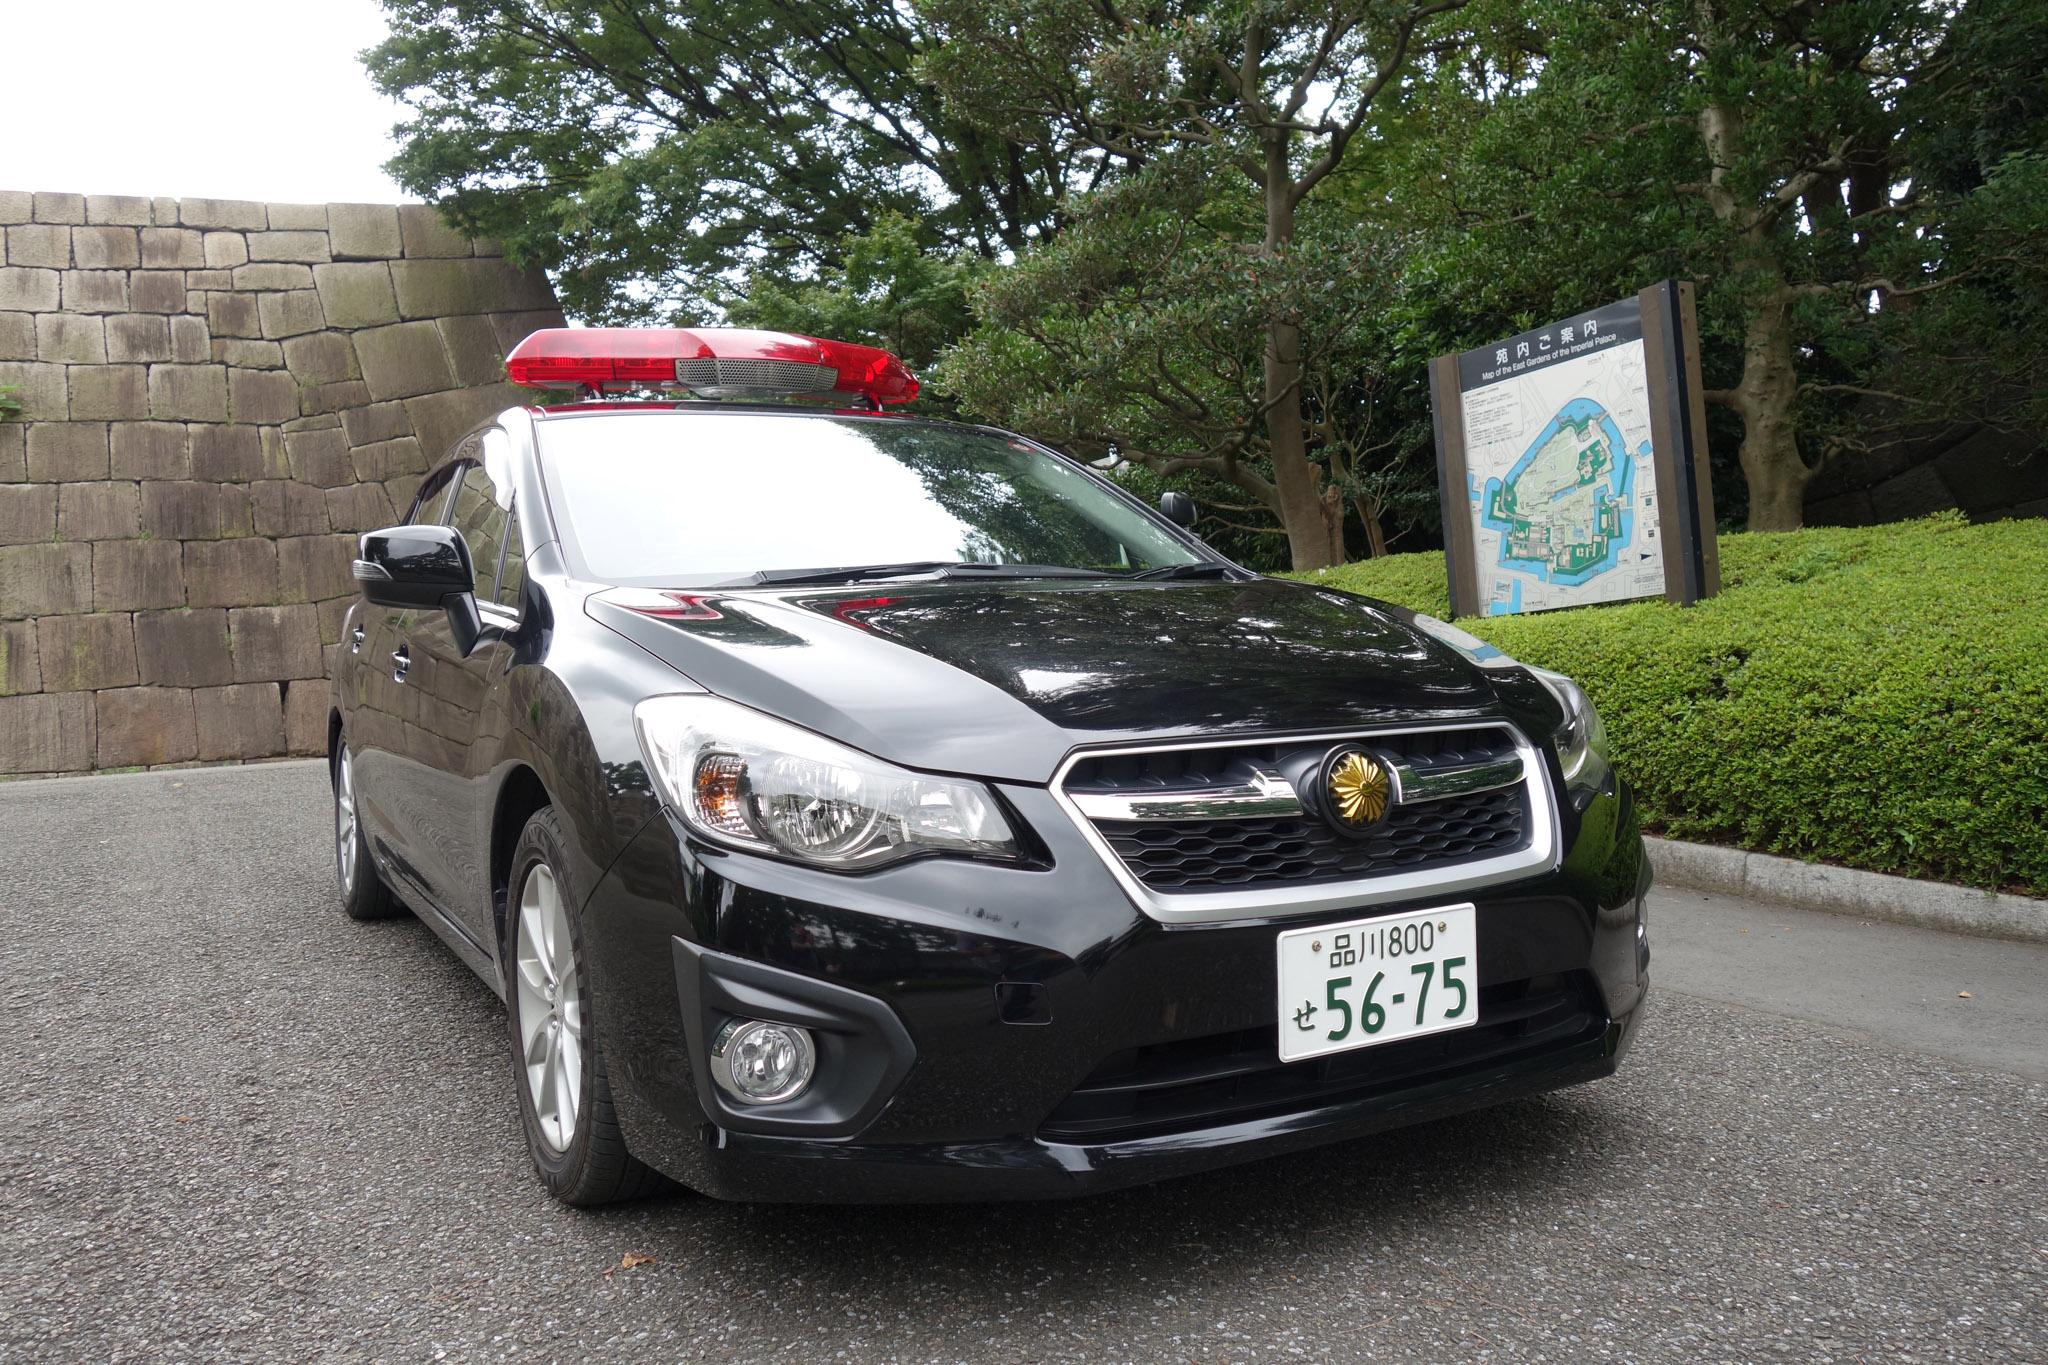 2017 Tokyo Police Subaru G4 Front